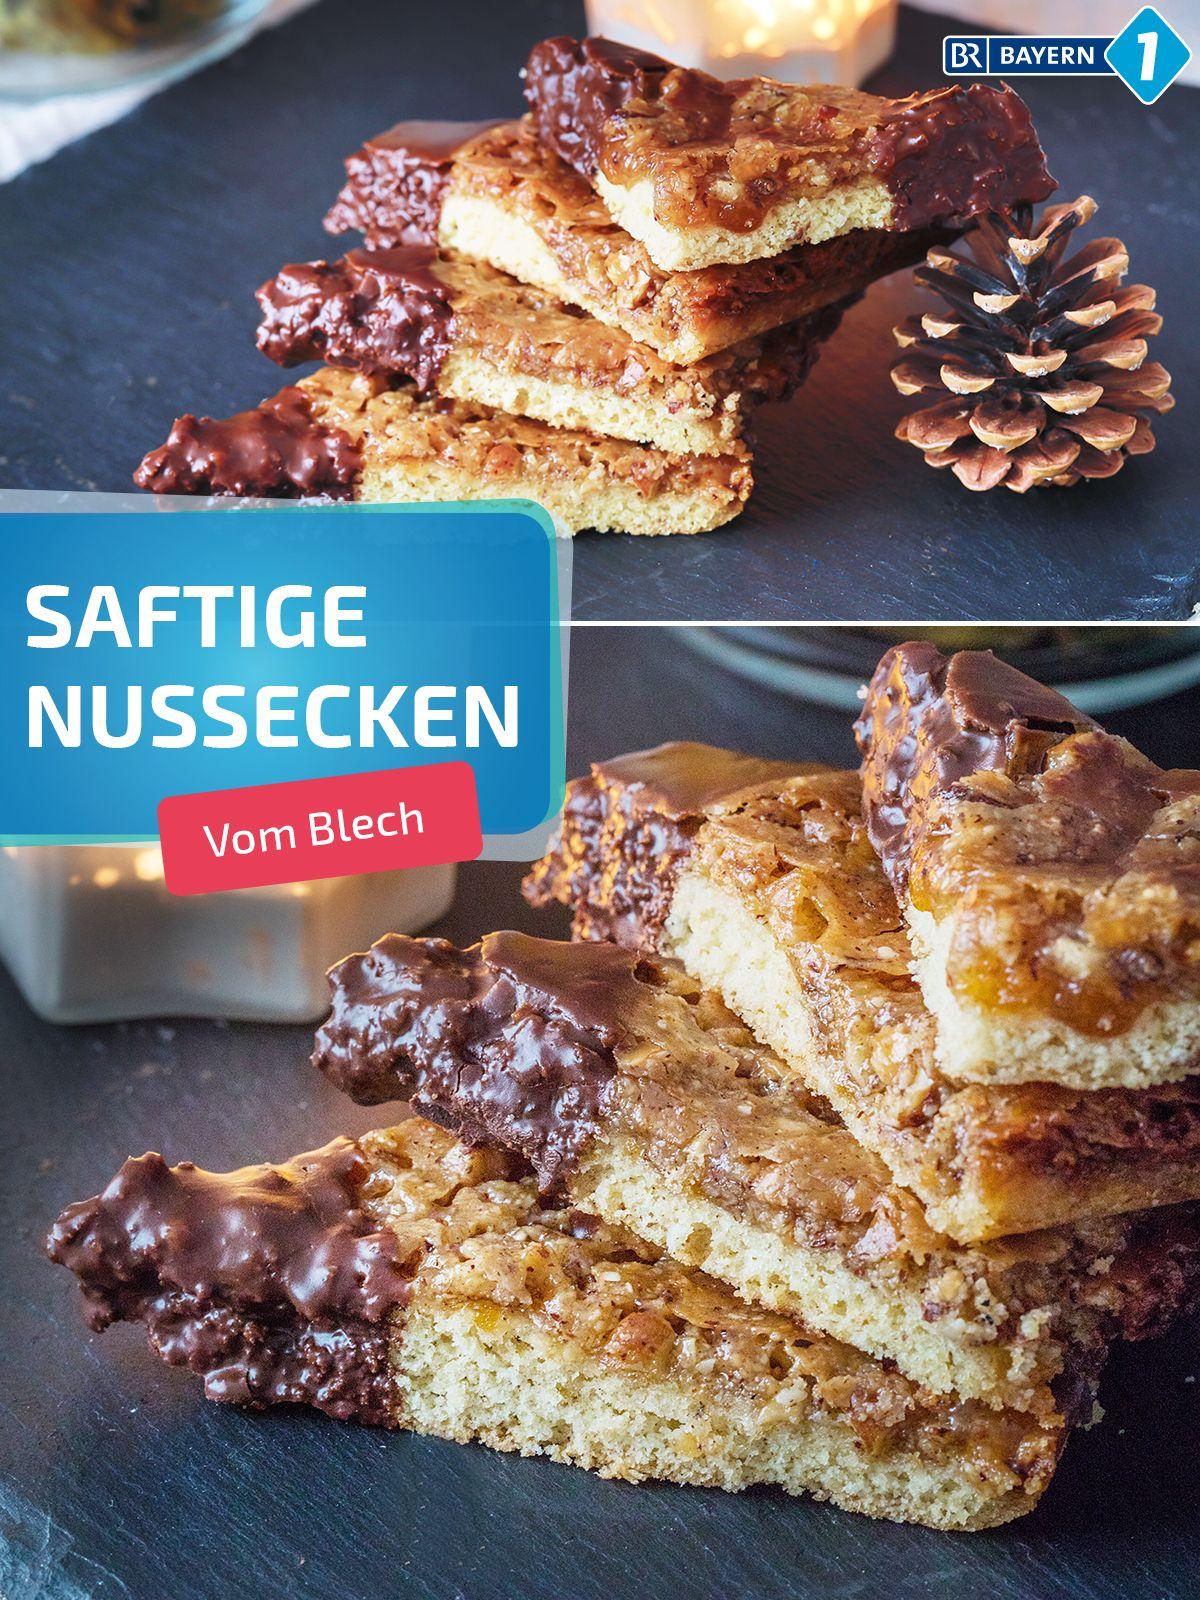 Leckere Nussecken selber backen - mit diesem Rezept vom Blech. Nomnomnom! #backen #nussecken #blechkuchen #nusseckenrezept